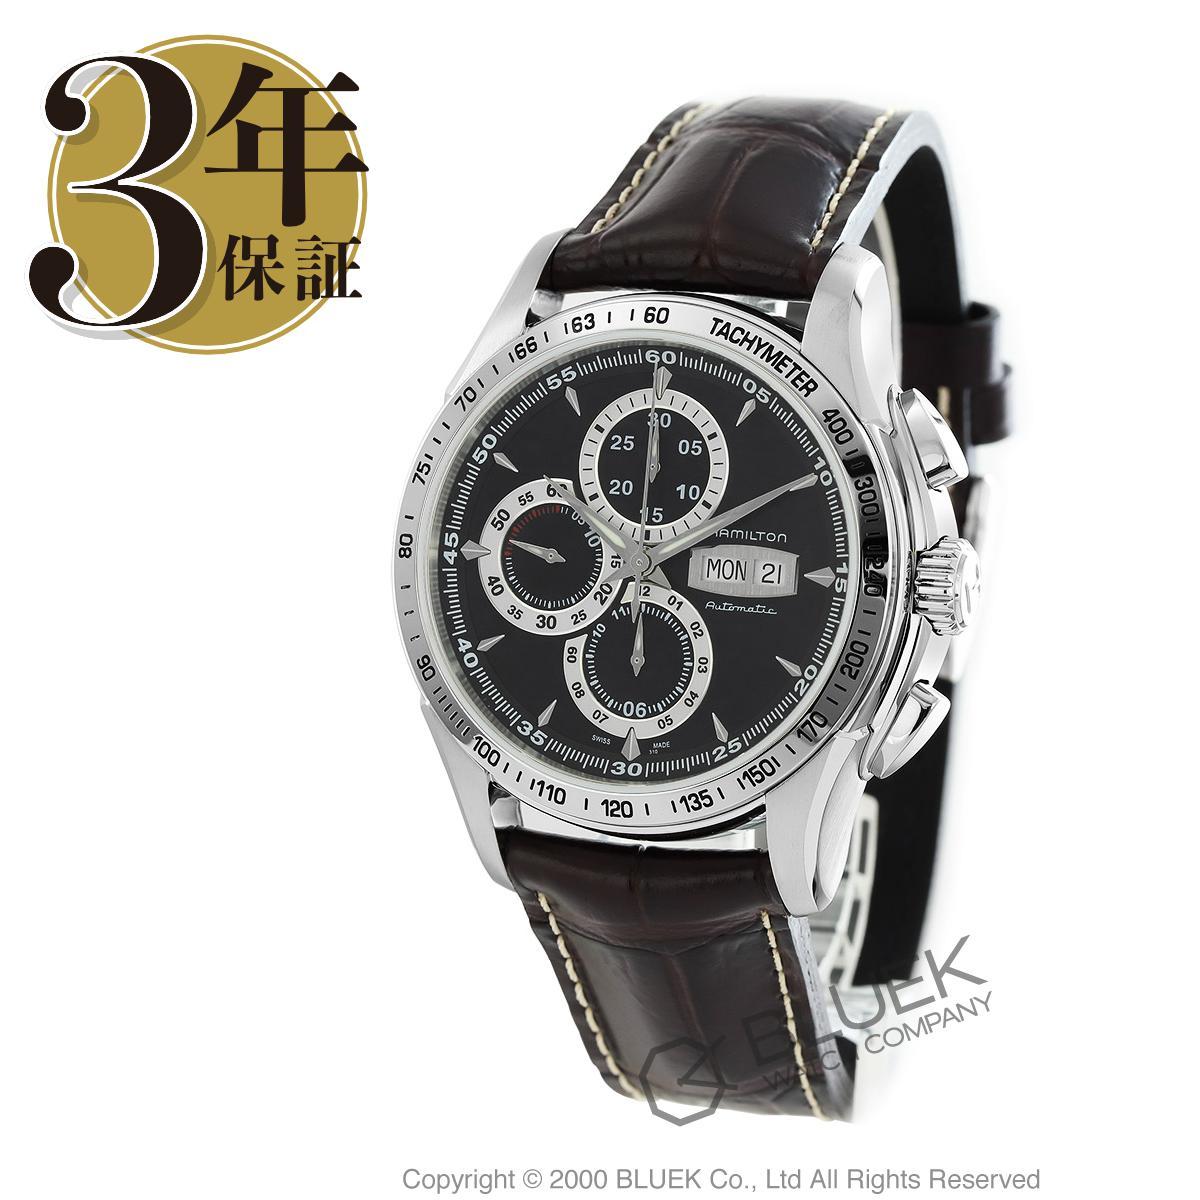 【3,000円OFFクーポン対象】ハミルトン ジャズマスター ロード ハミルトン クロノグラフ 腕時計 メンズ HAMILTON H32816531_8